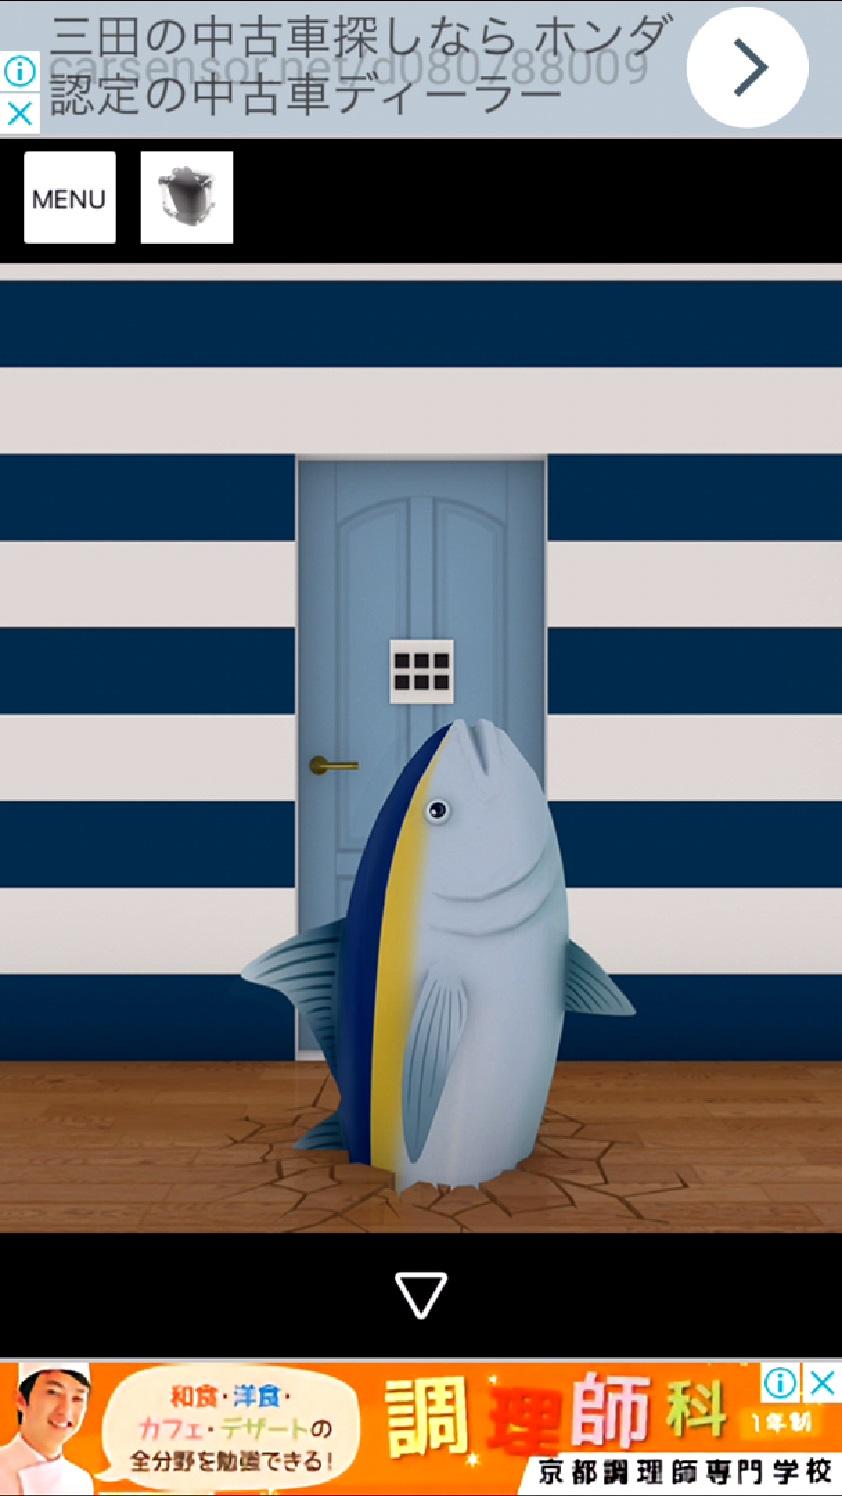 脱出ゲーム Aloha ハワイの海に浮かぶ家 androidアプリスクリーンショット2